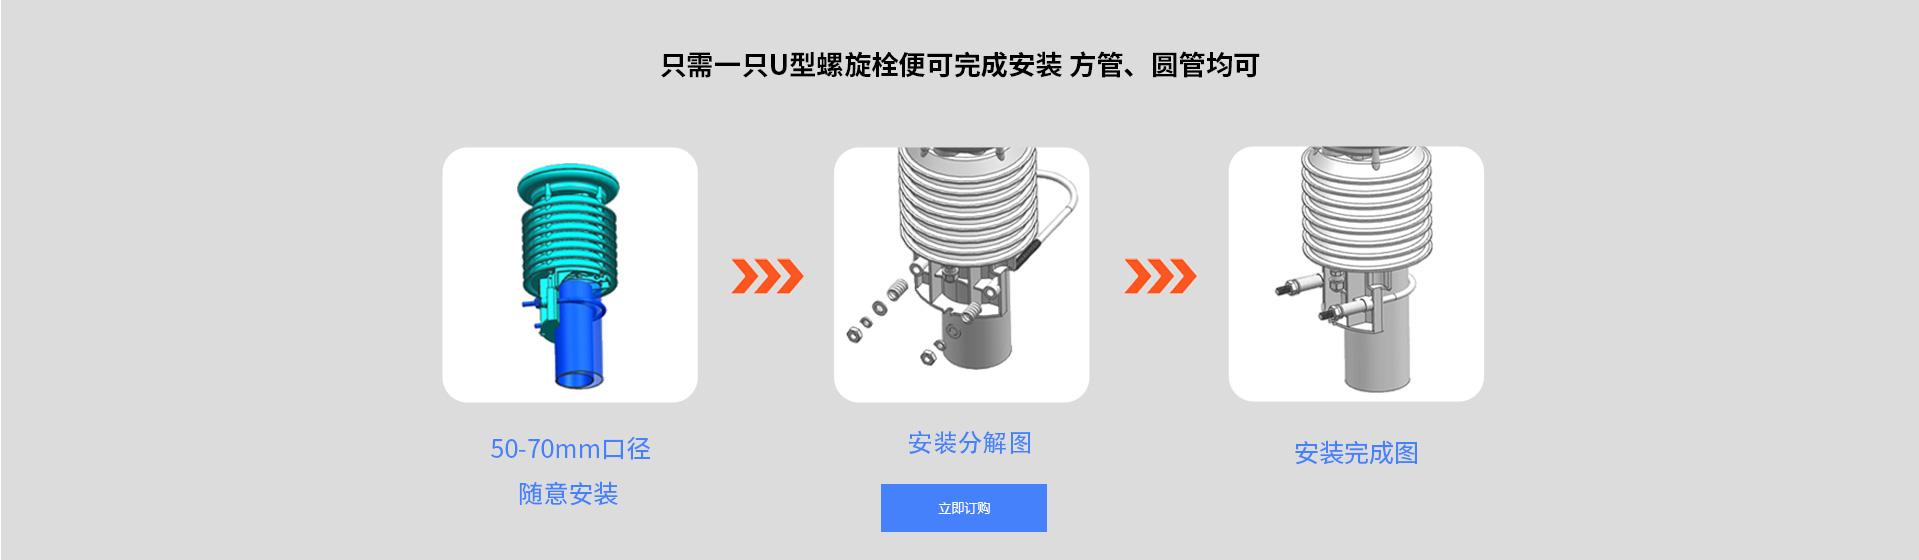 超声波风速传感器